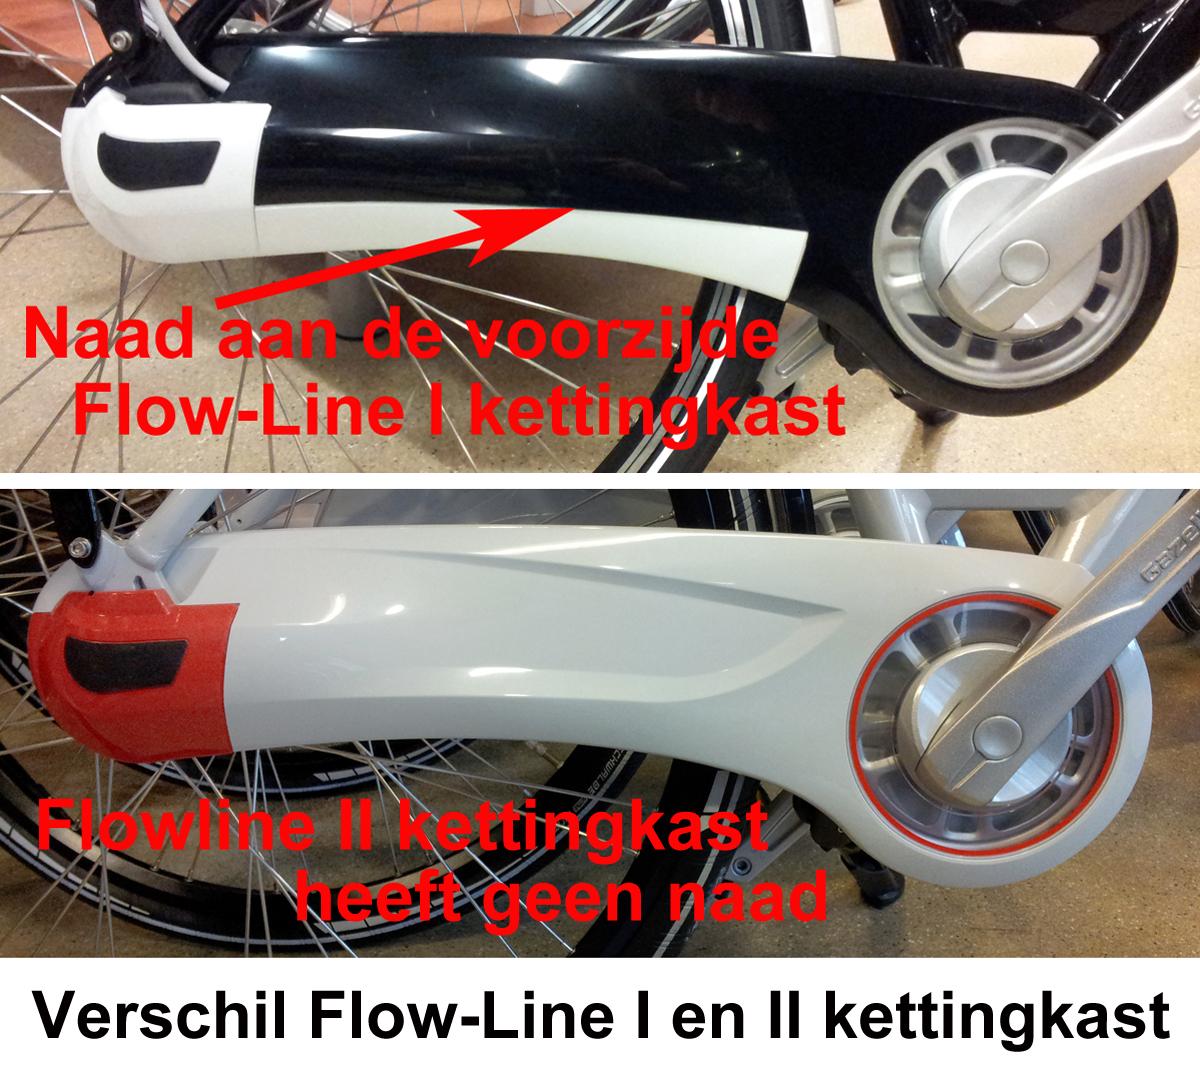 Verschil Gazelle Flowline I en II kettingkast